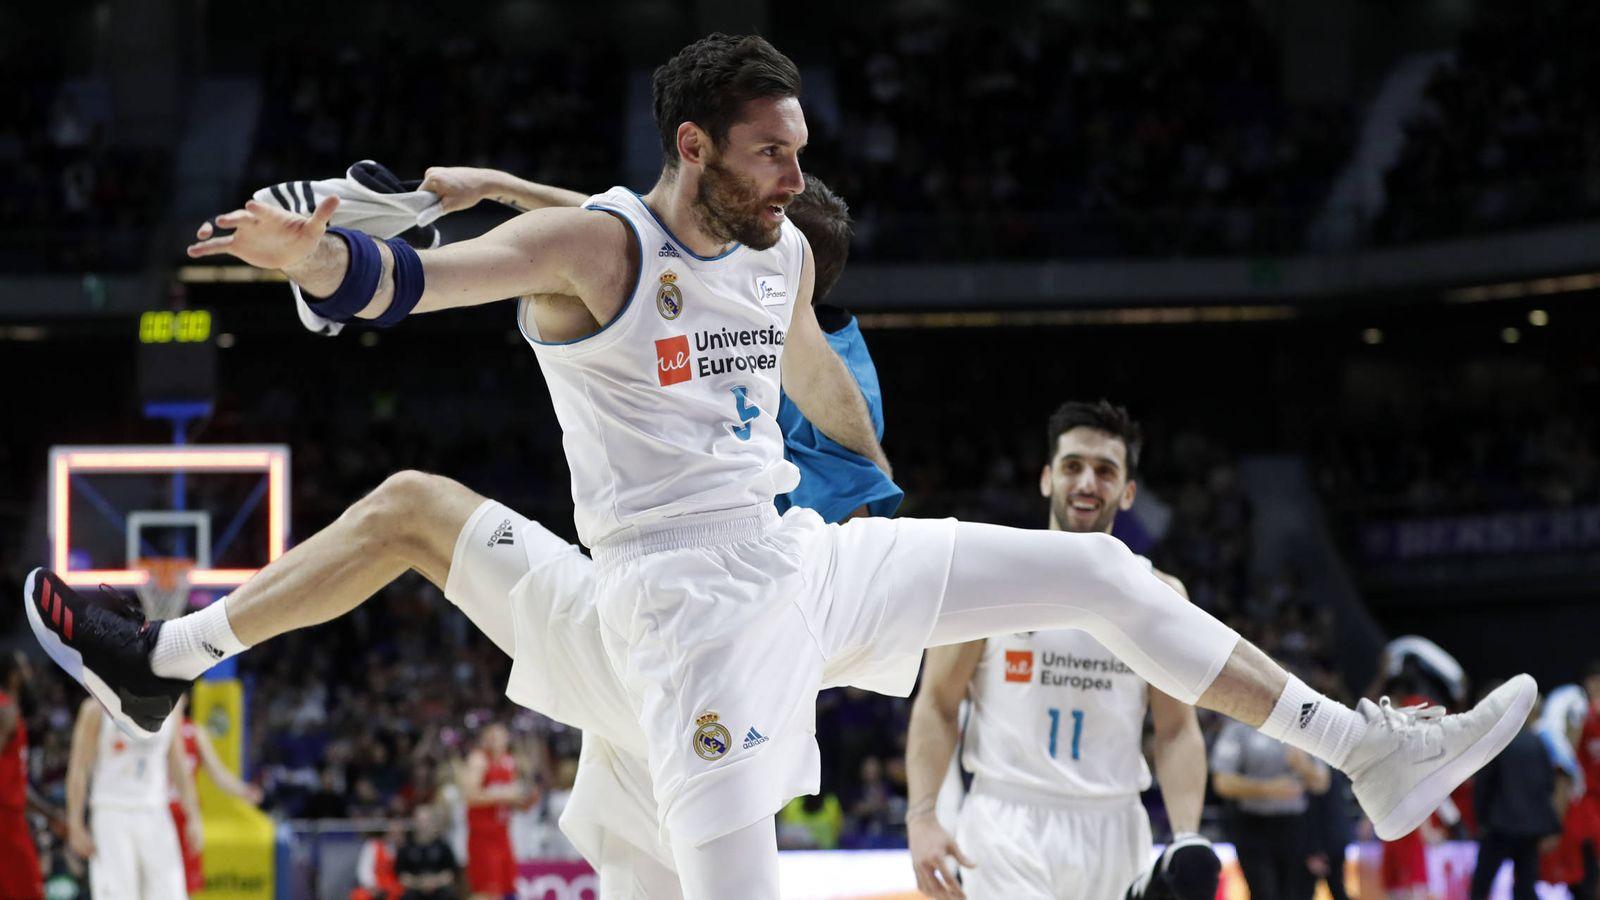 Foto: Rudy Fernández ha metido nueve triples en los dos últimos partidos. (ACB Photo/A. Martínez)